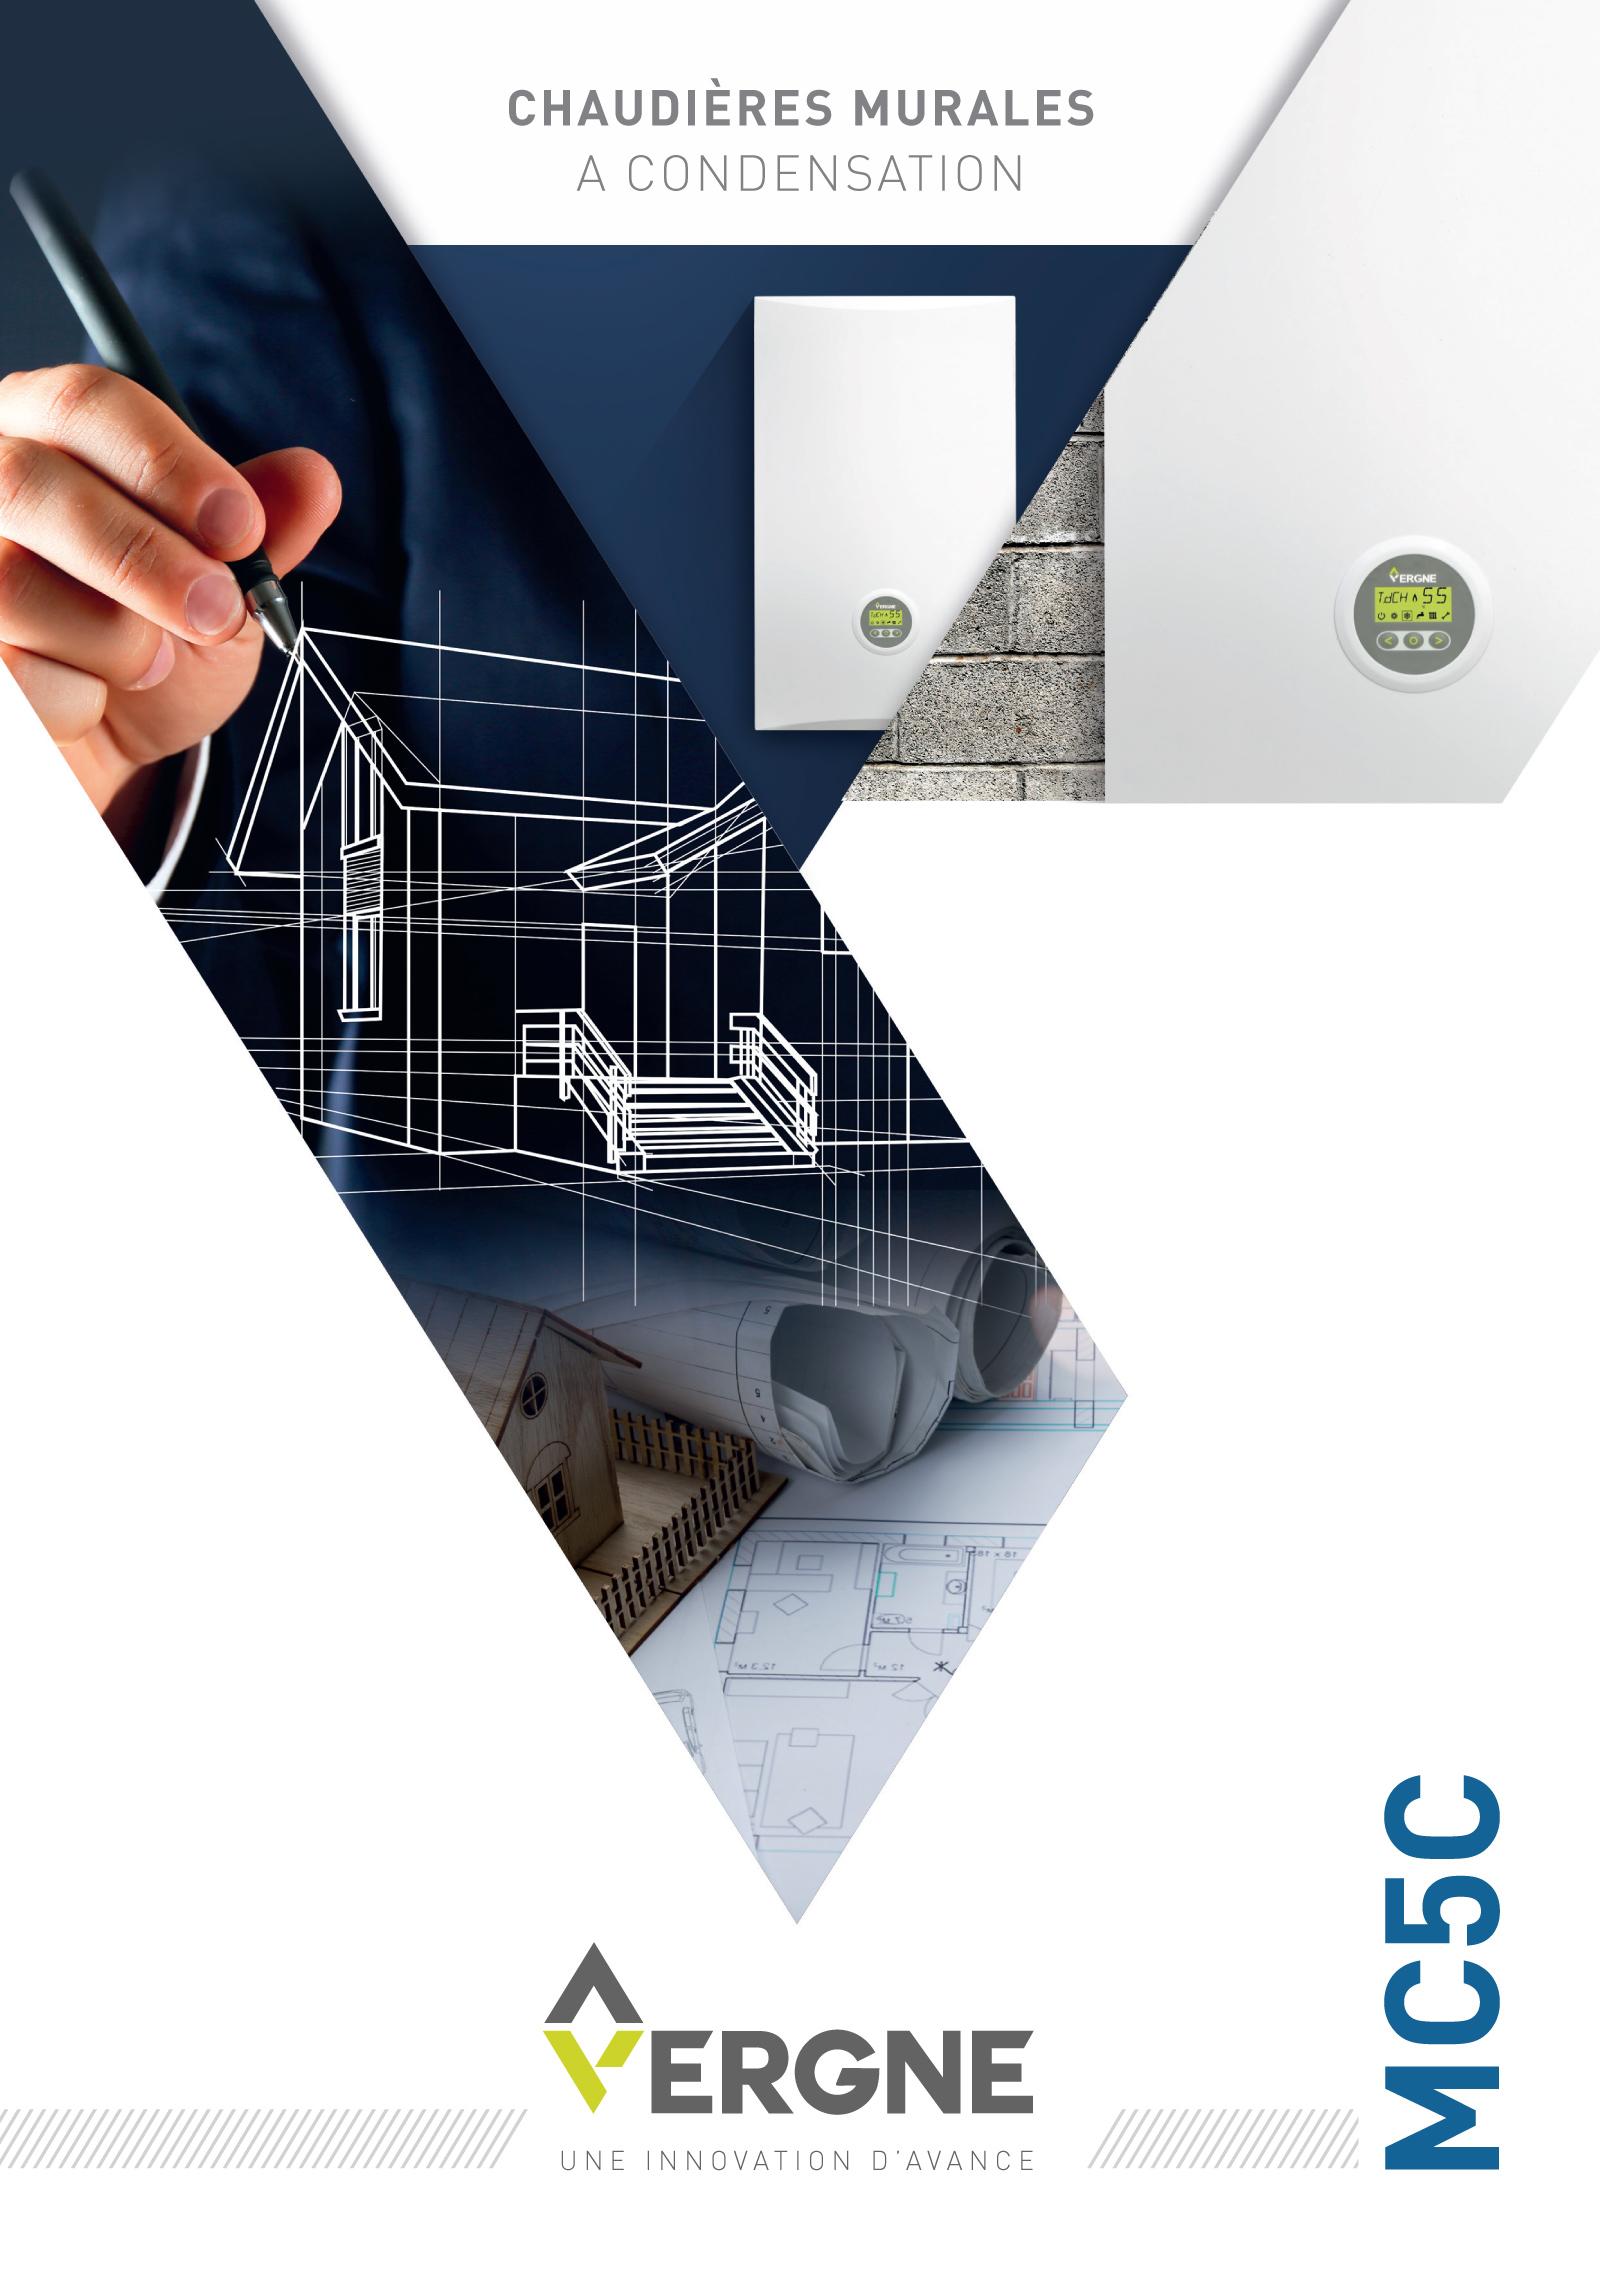 Réalisation Comevents - Vergne Innovation - Plaquette MC5C - Une de couverture